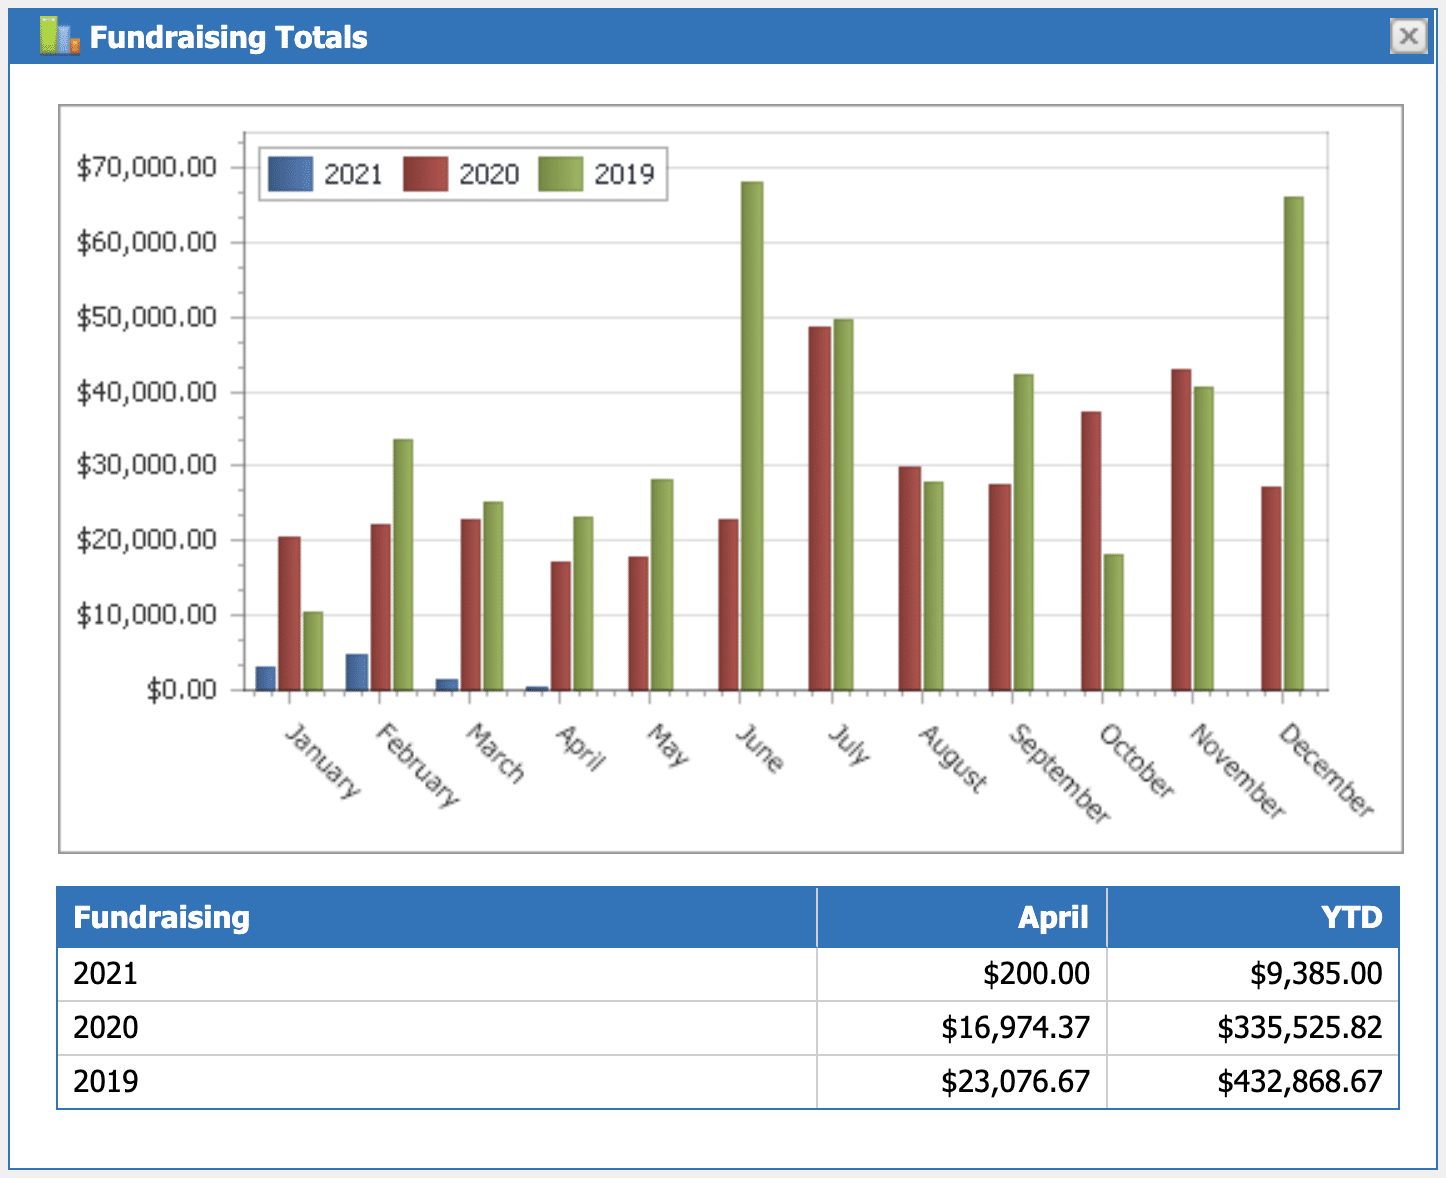 fundraising totals